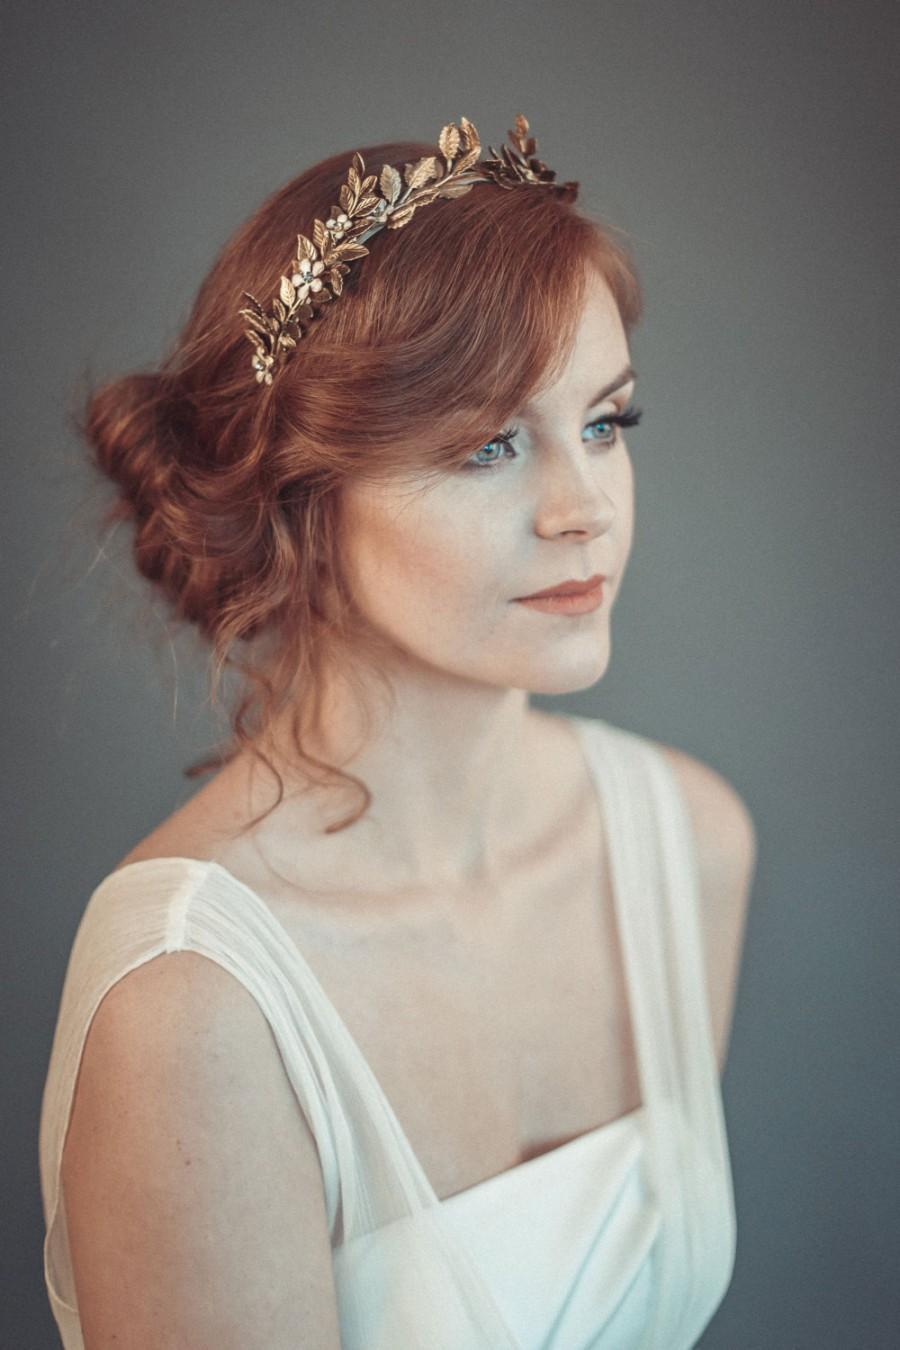 Wedding - Gold leaf tiara - Laurel leaf flower crown - Grecian wreath - Bridal leaf crown - Bridal headpiece - Greek goddess hair accessory